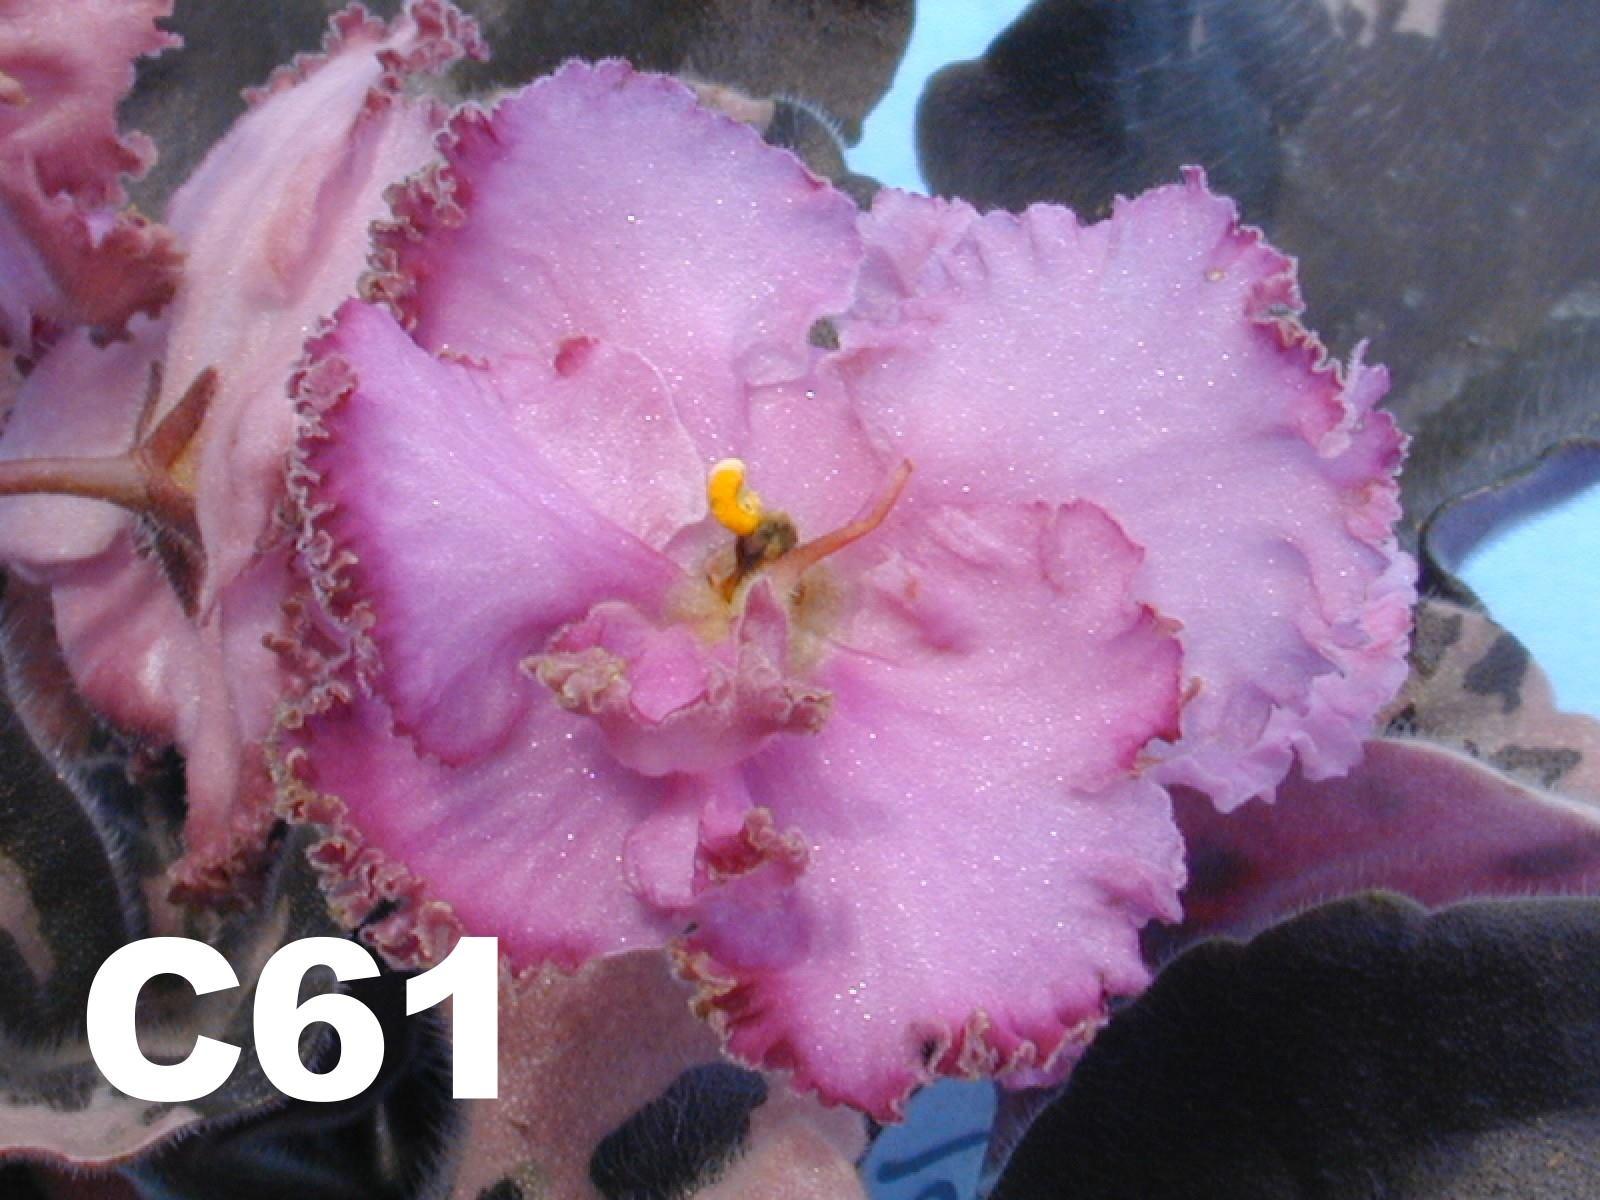 [C61] C61